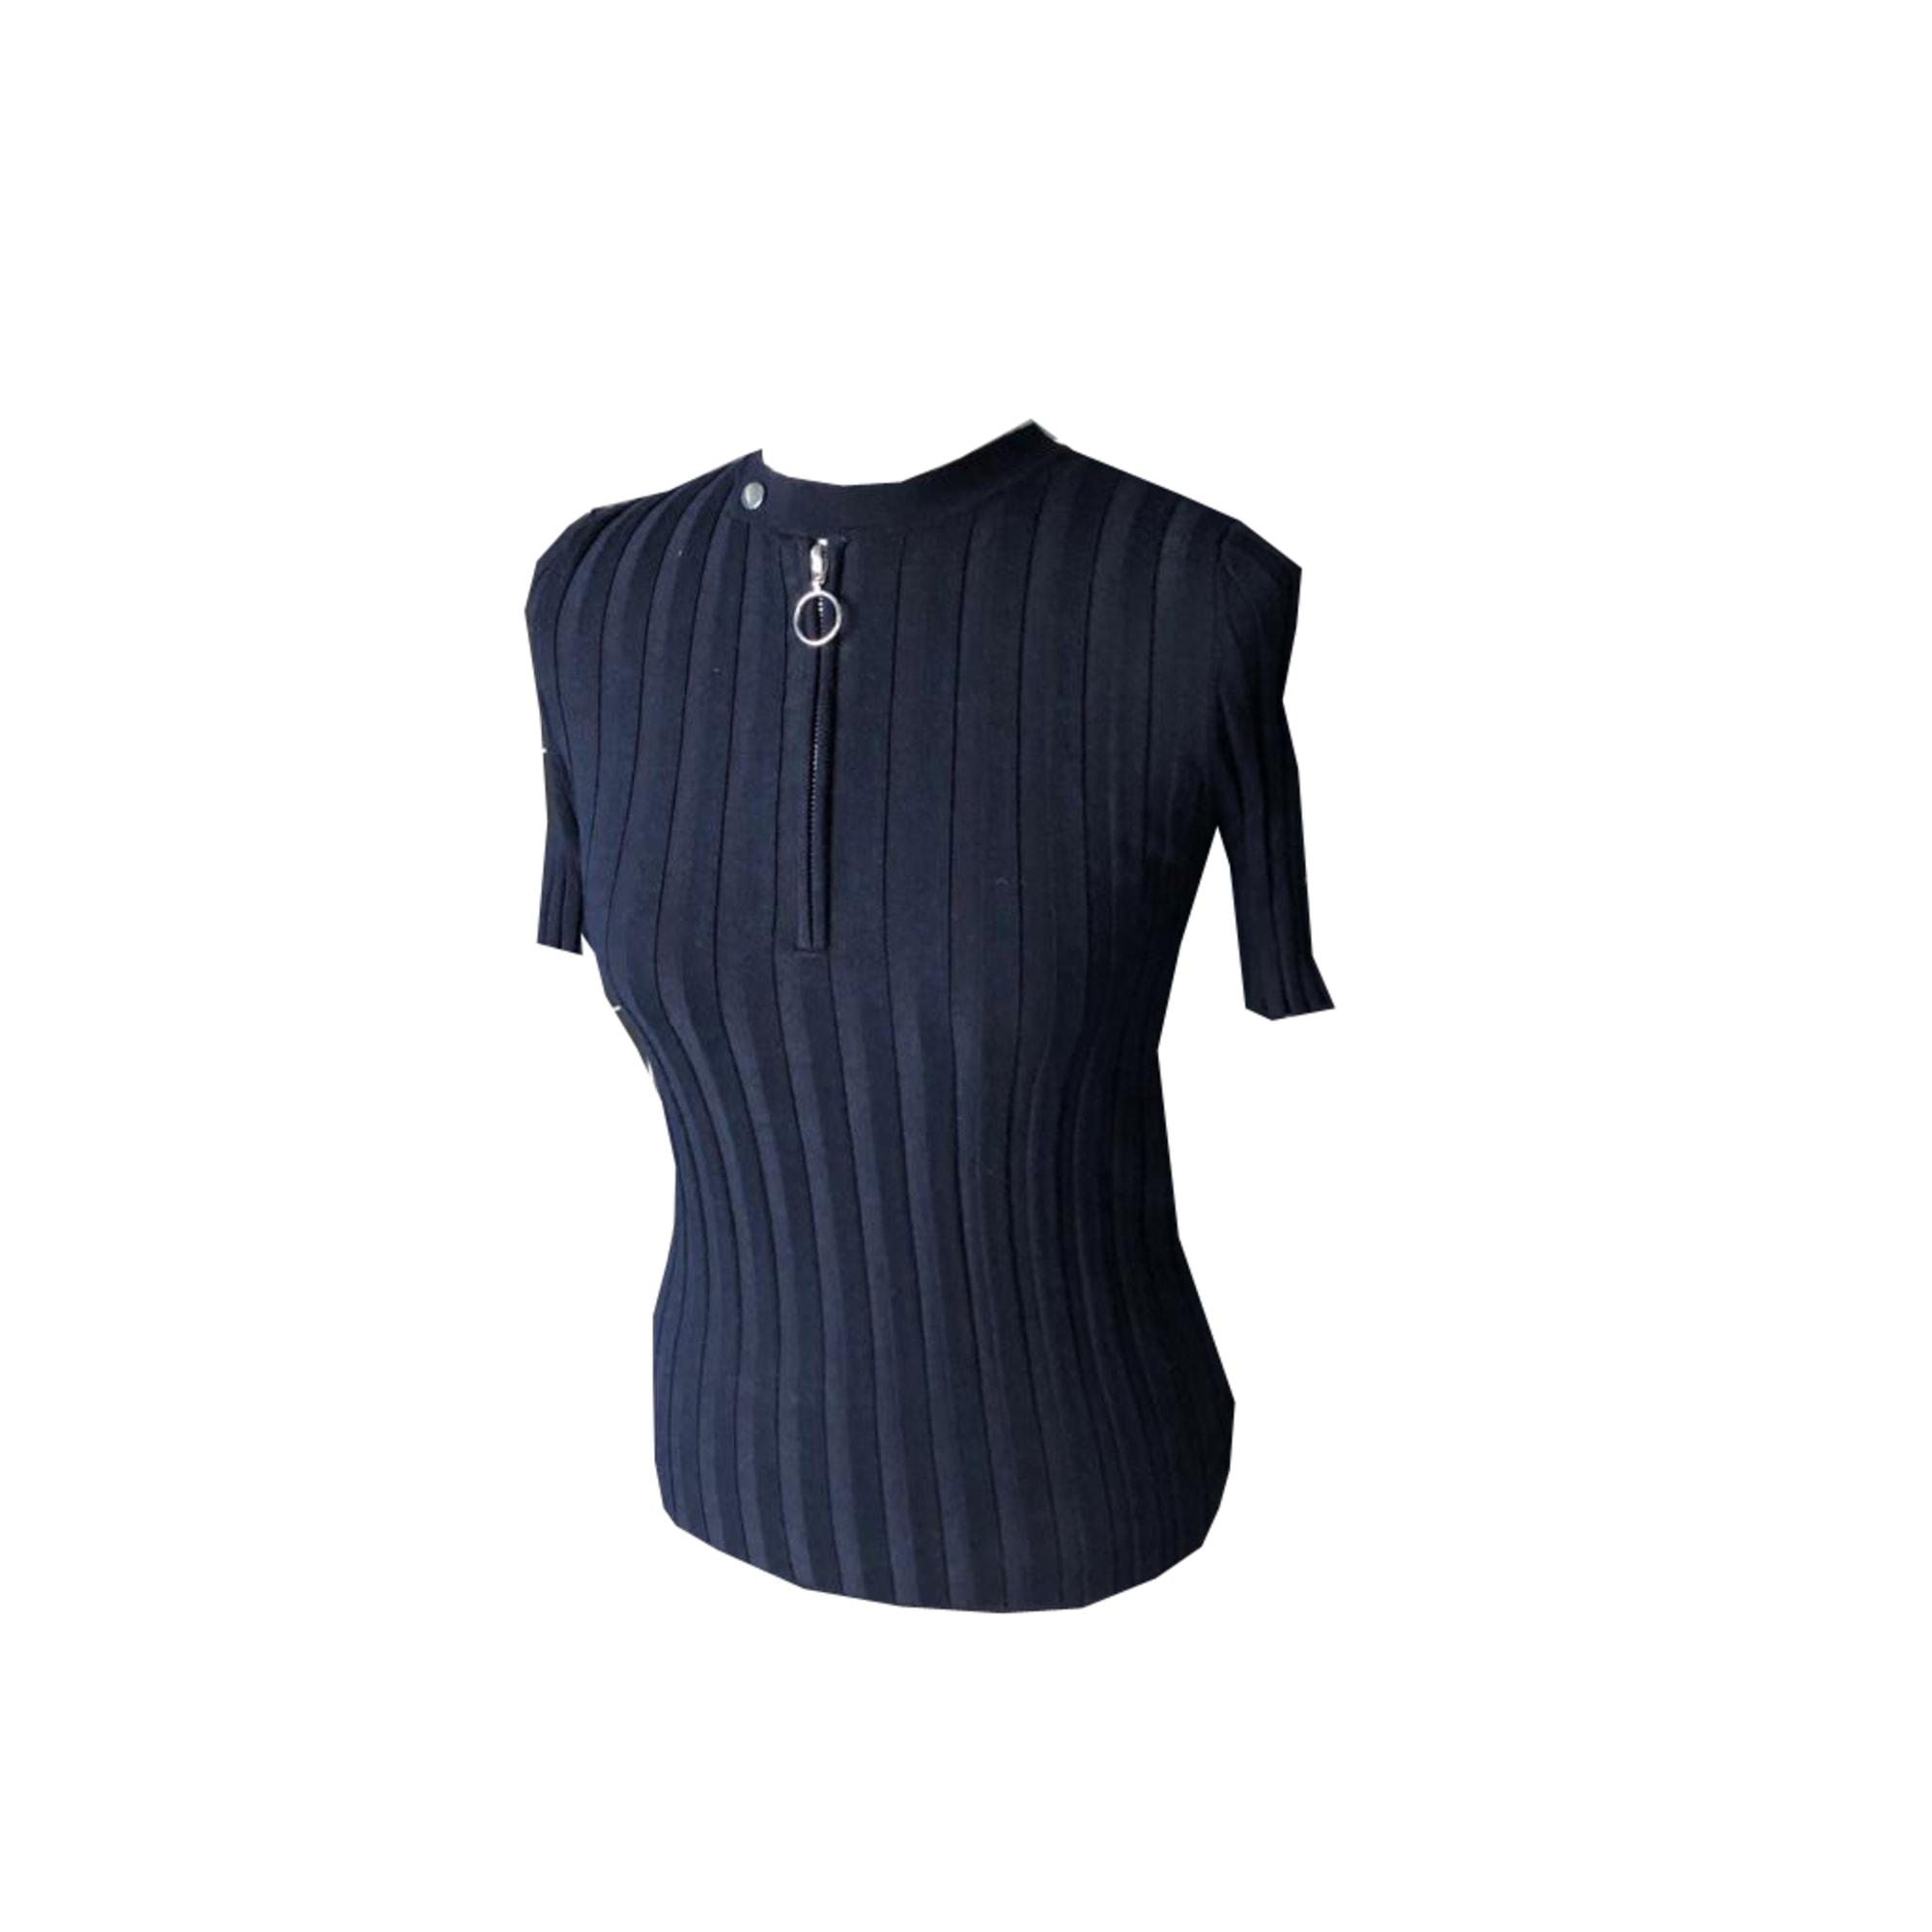 Tops, T-Shirt MAJE Blau, marineblau, türkisblau